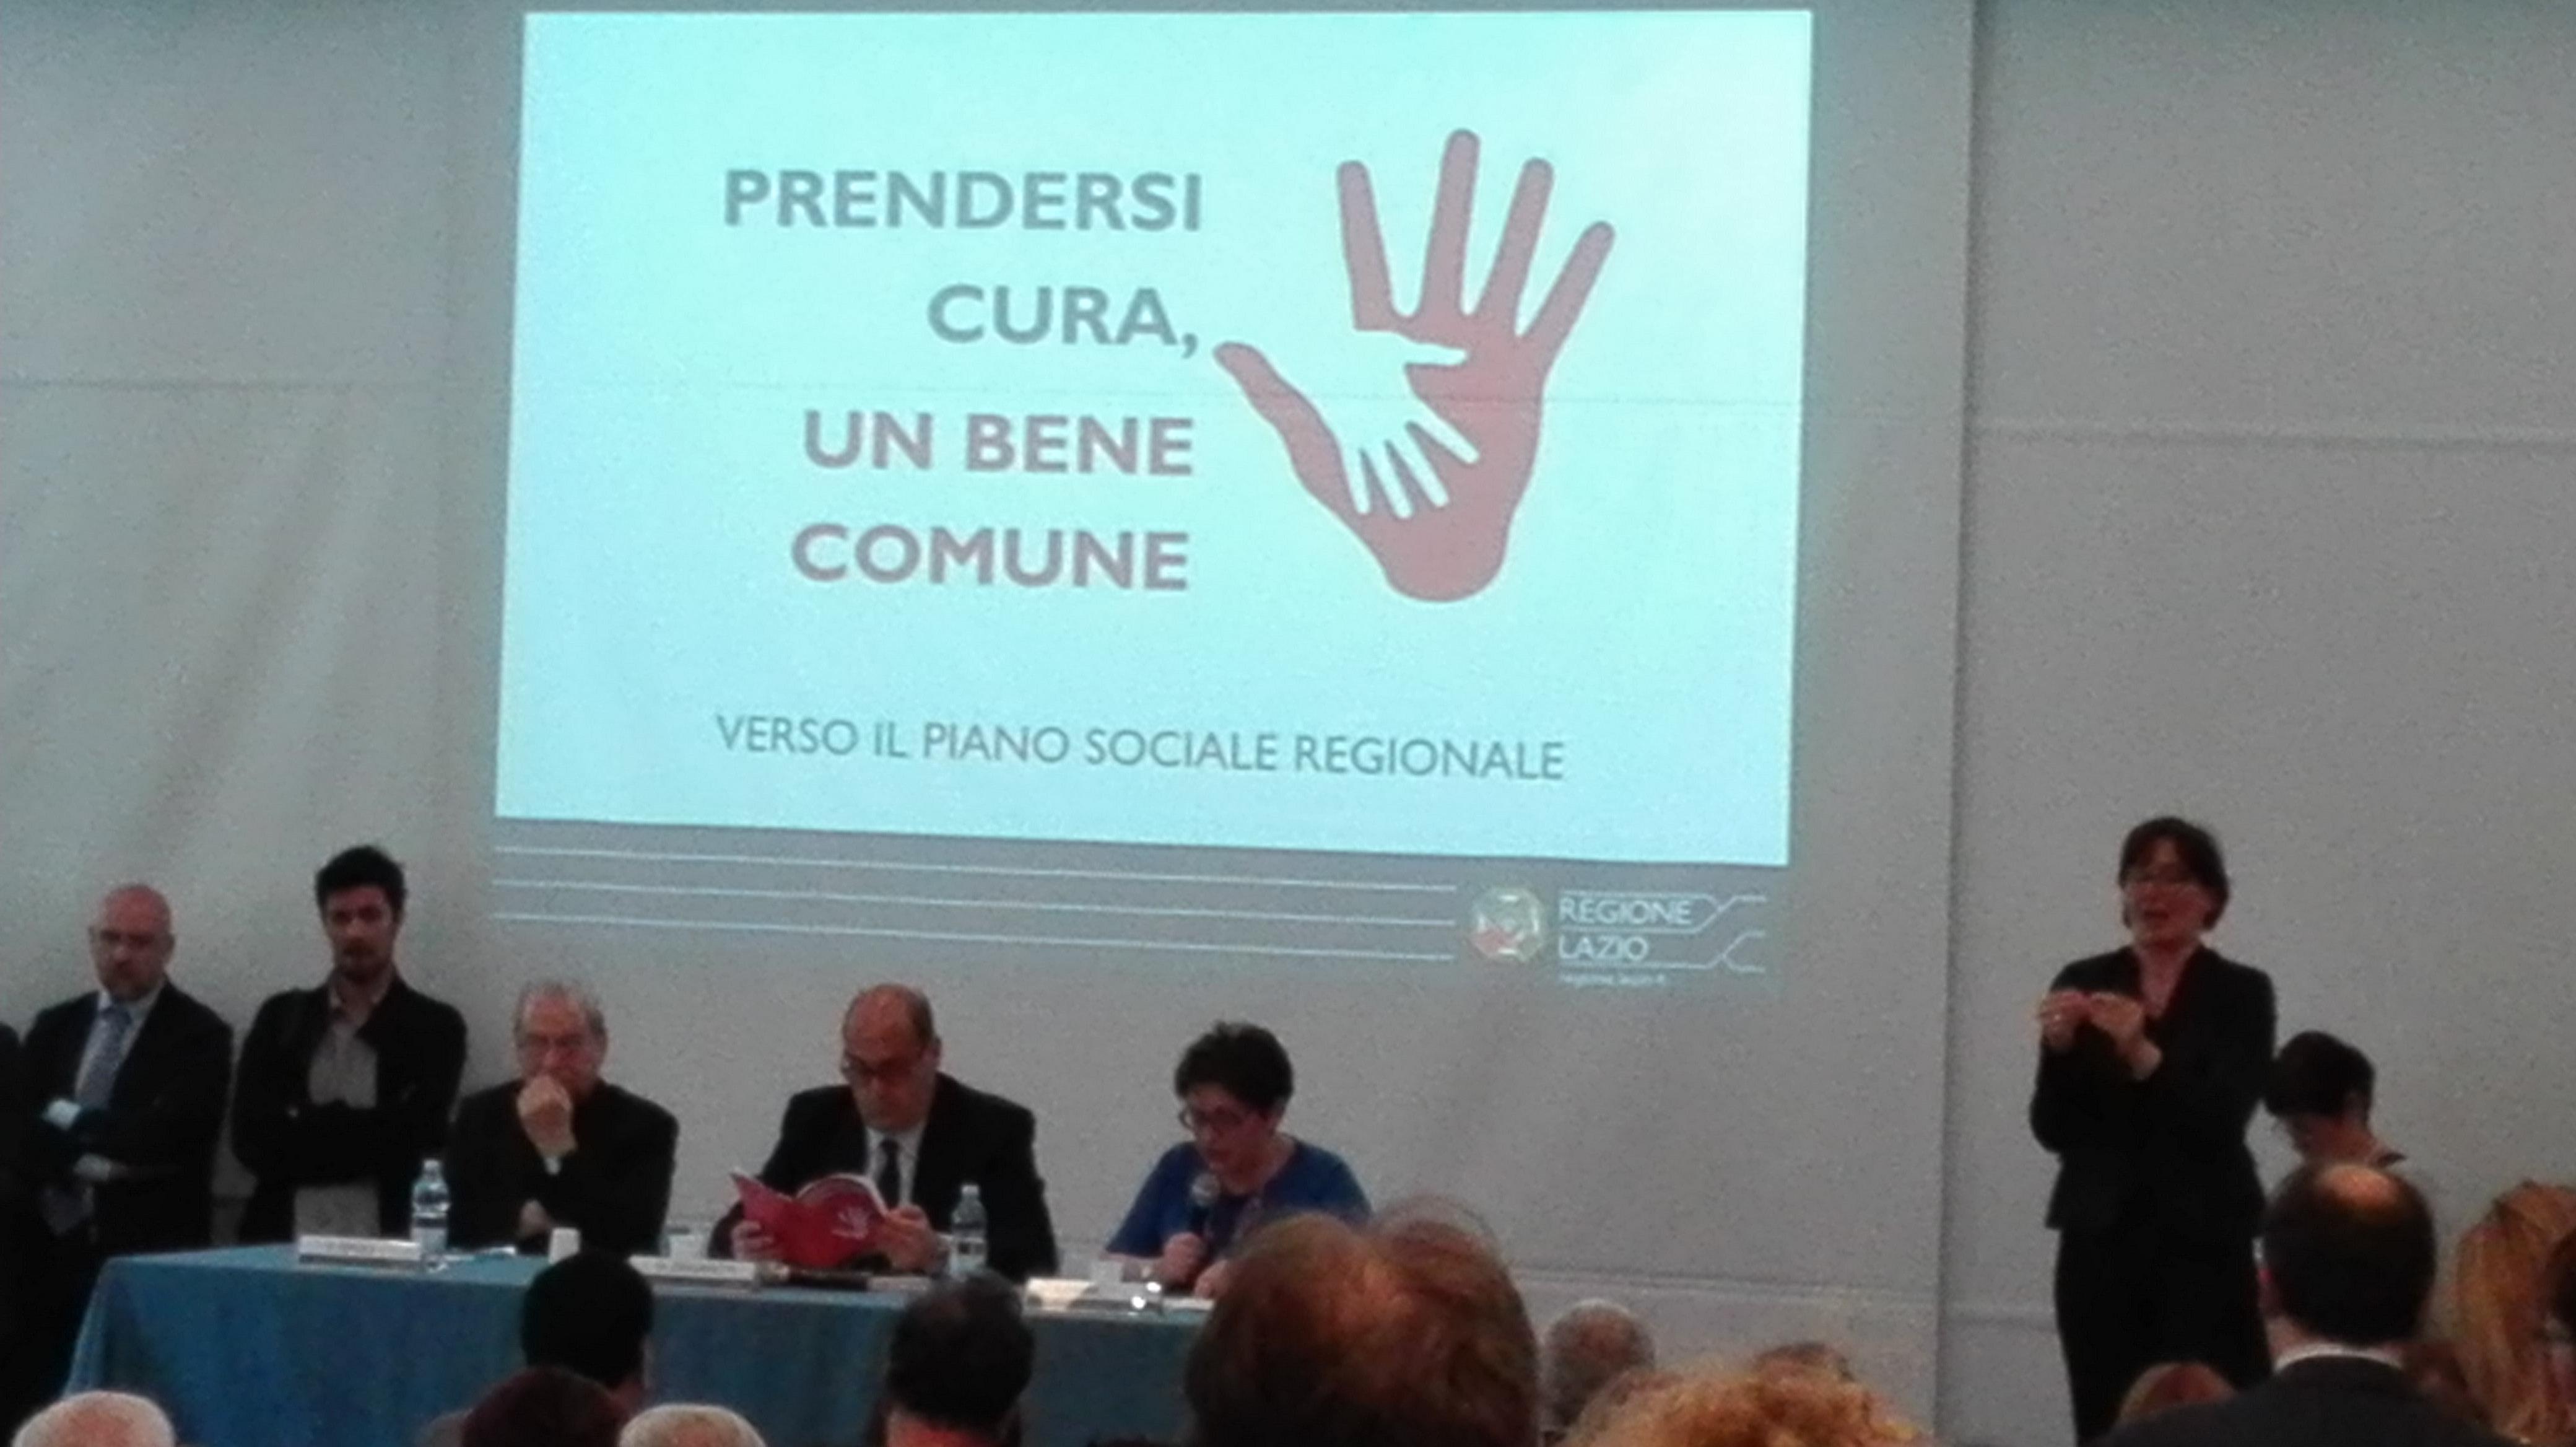 Prendersi cura, un bene comune - evento lancio Piano sociale Regione Lazio